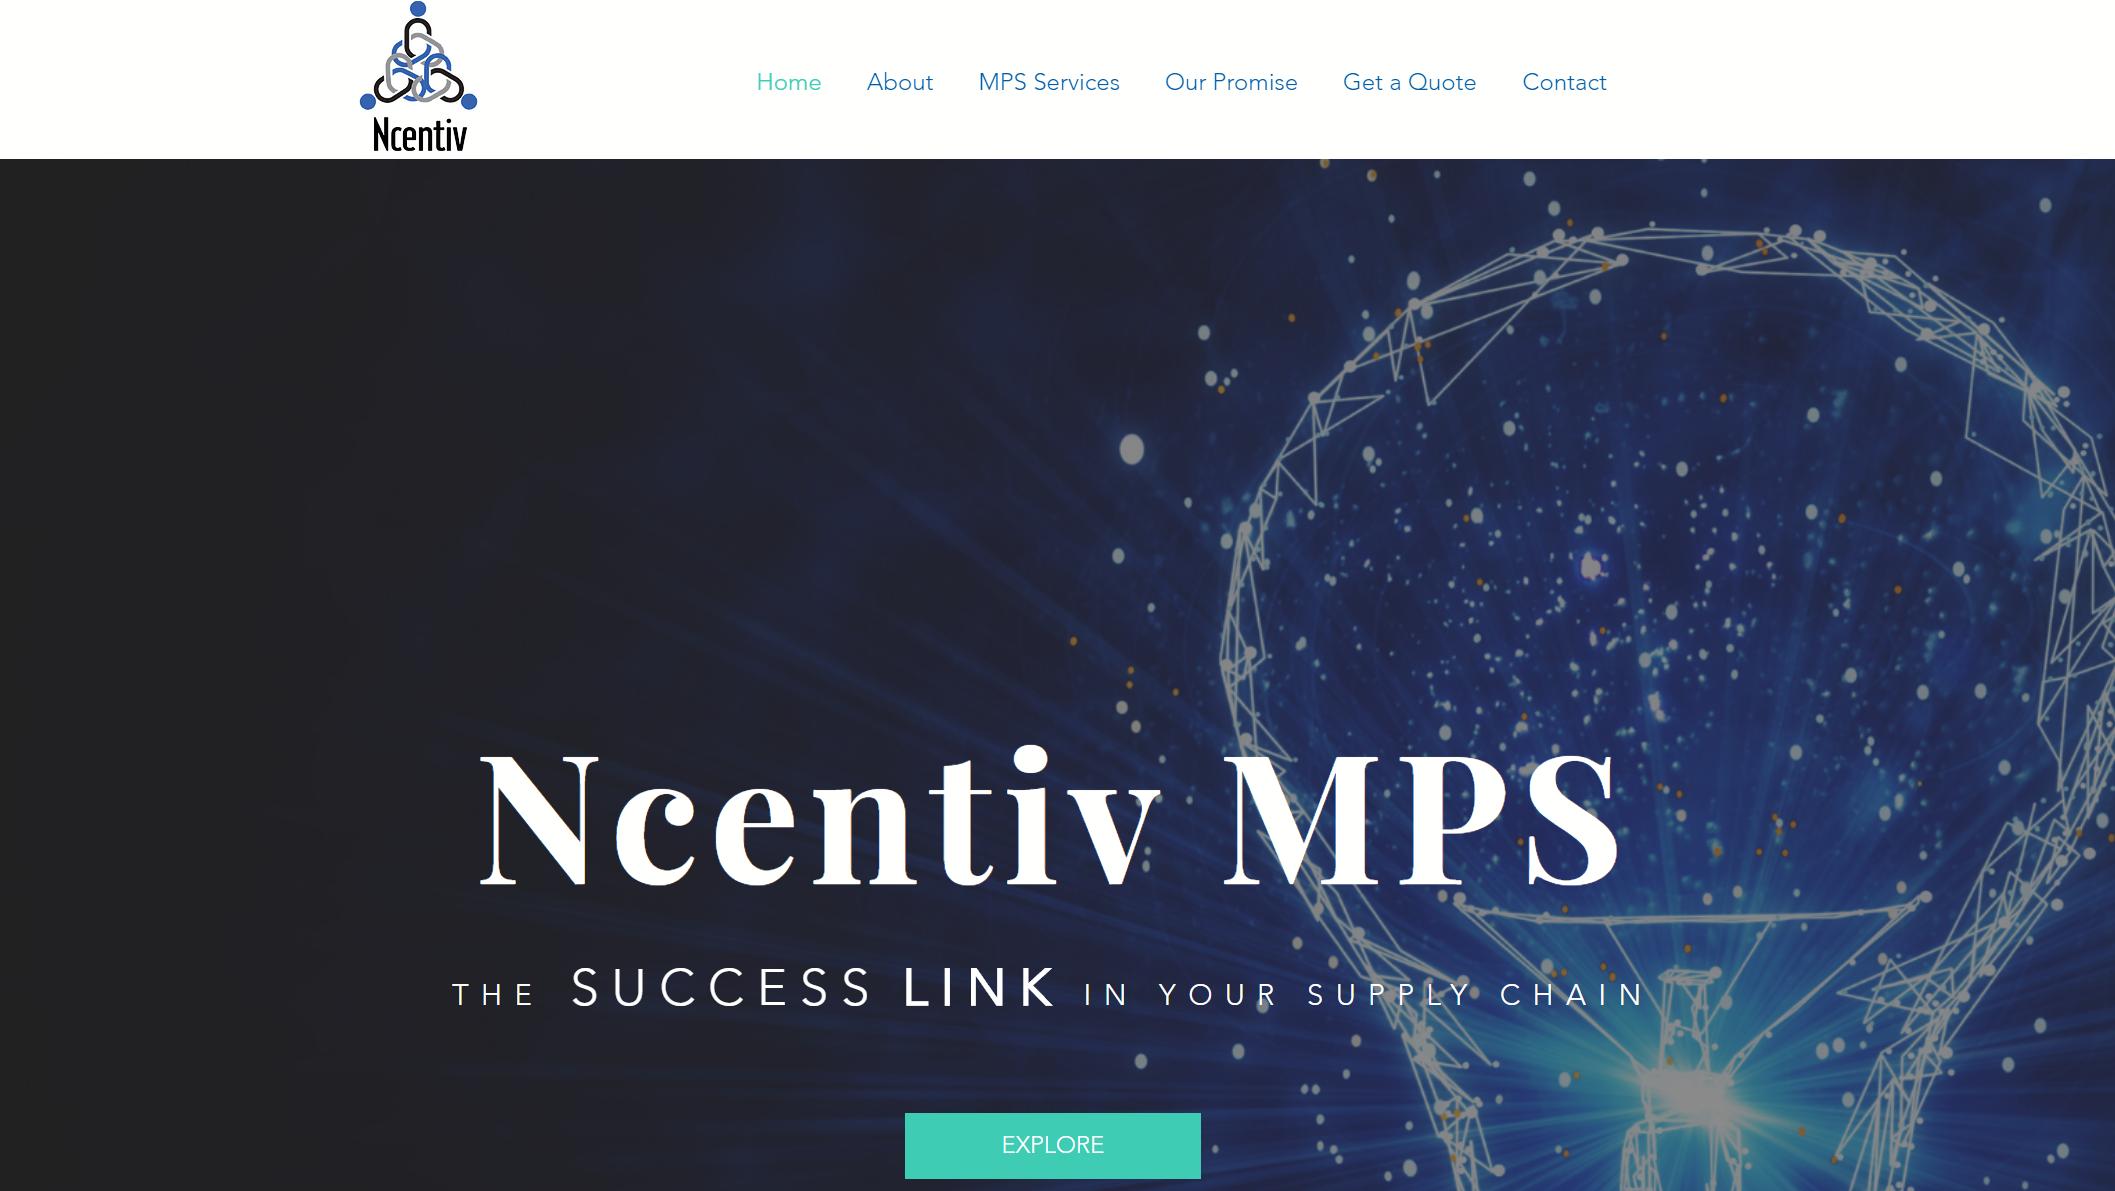 Ncentiv MPS Website